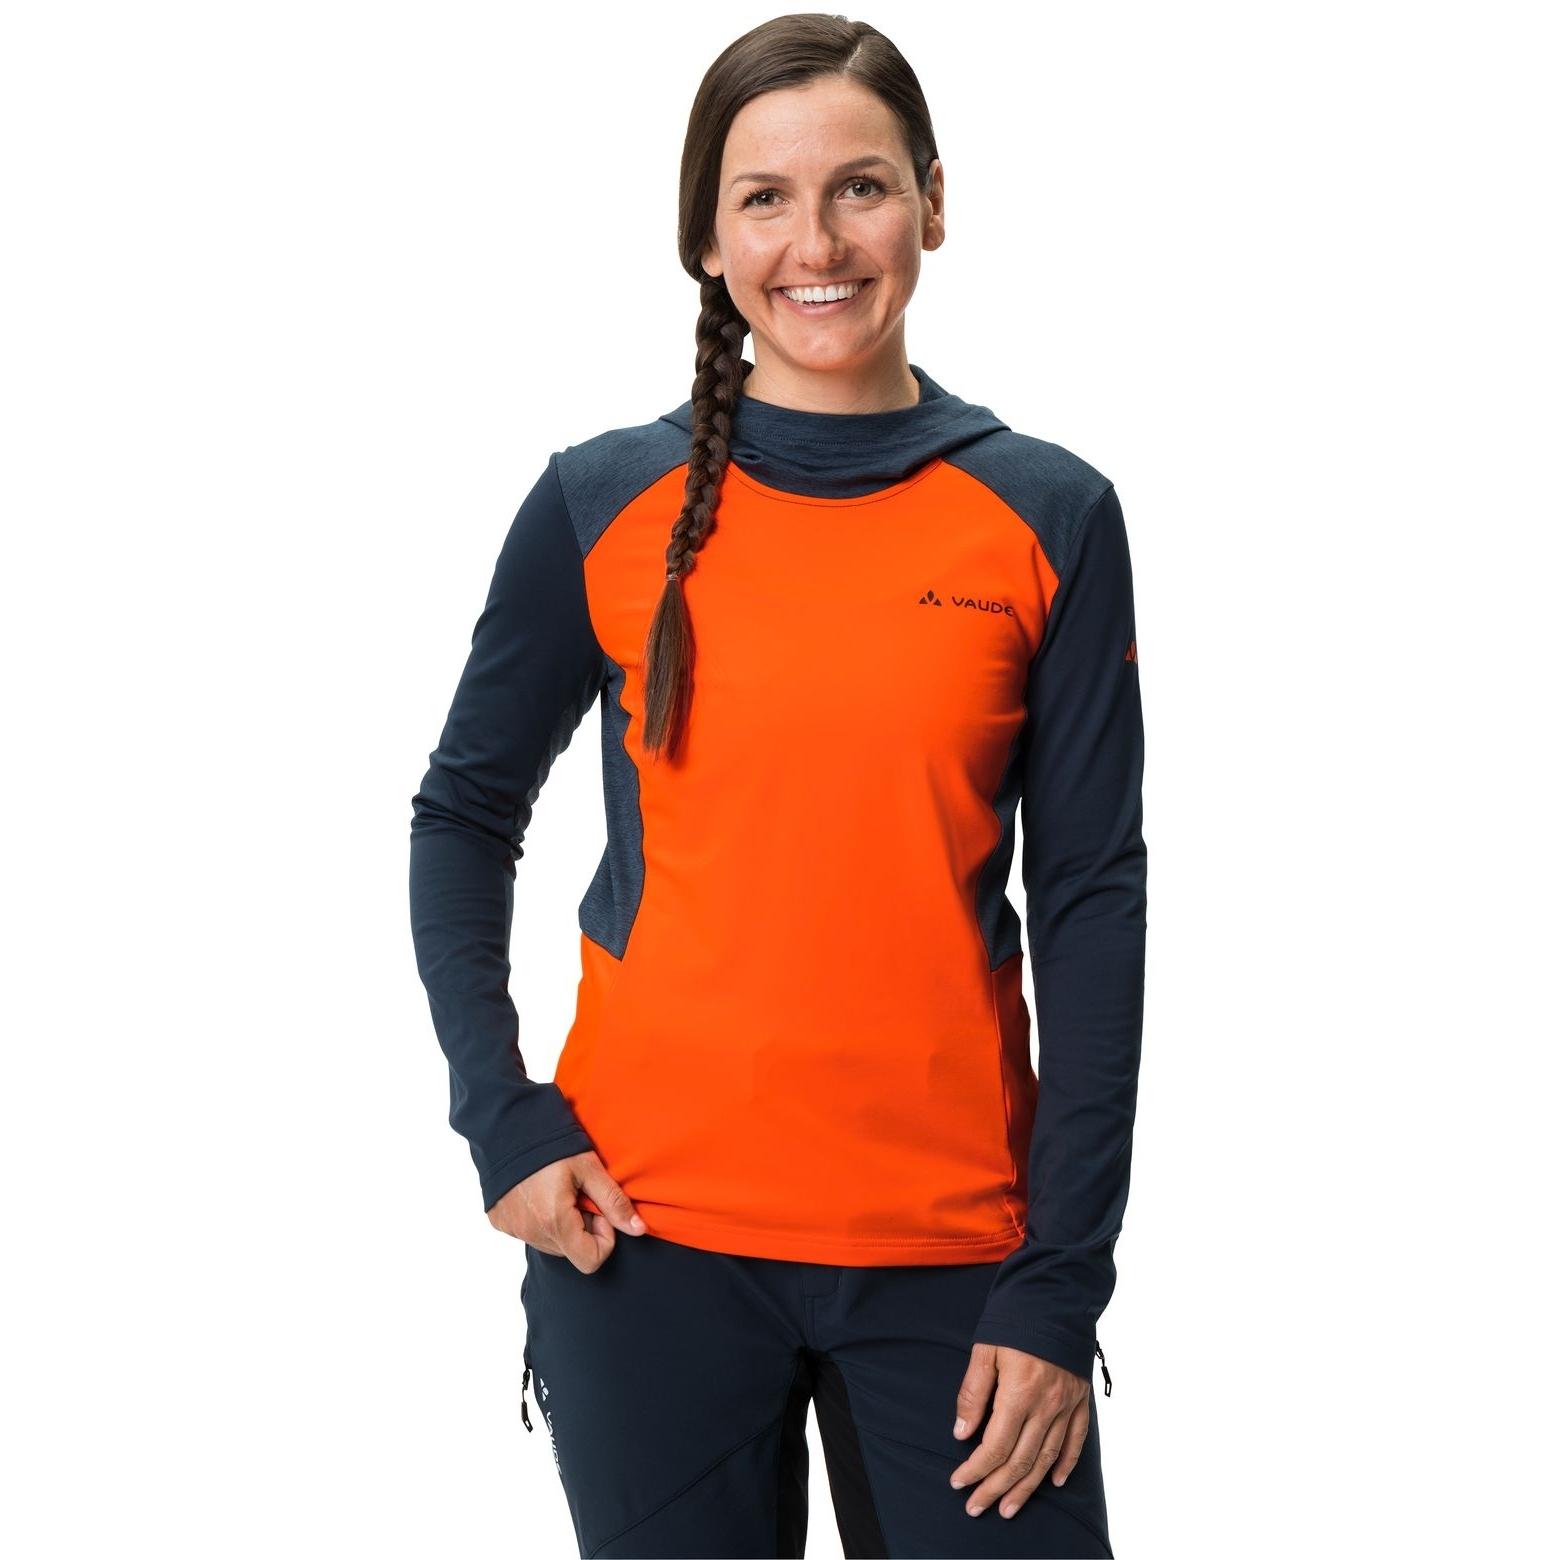 Image of Vaude Women's Qimsa LS T-Shirt - neon orange